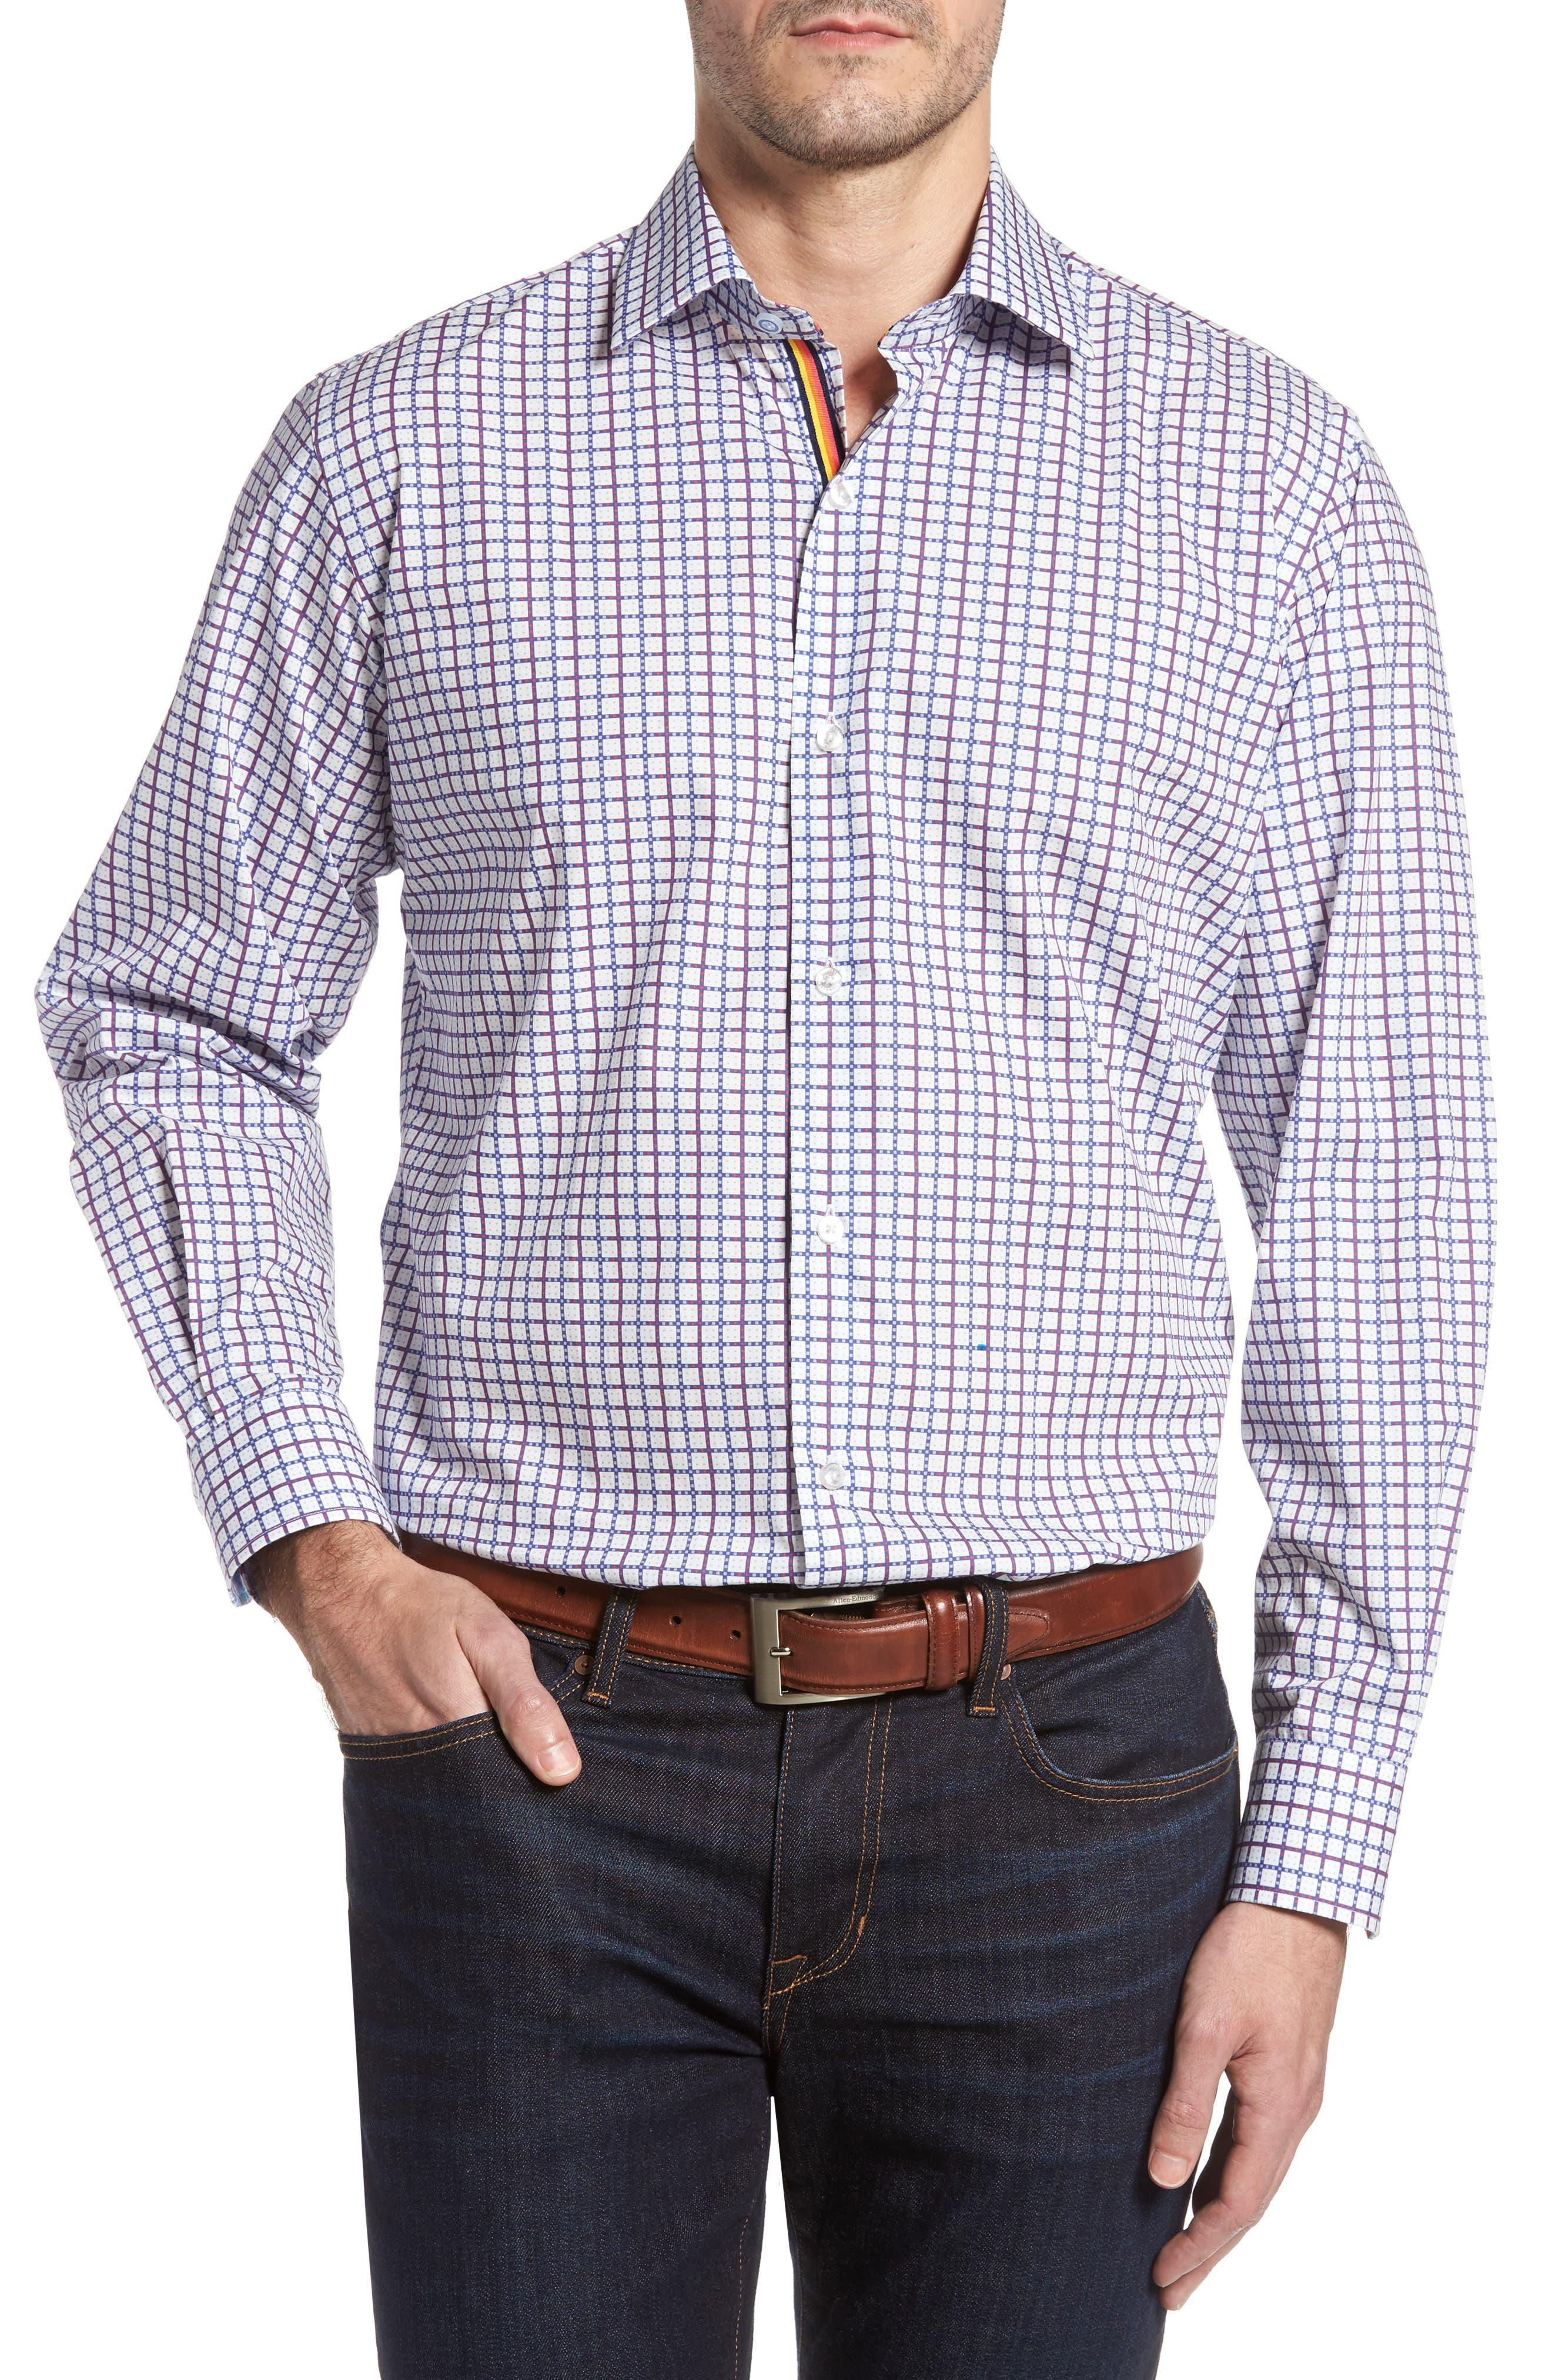 TailorByrd Magnolia Sport Shirt (Big & Tall)